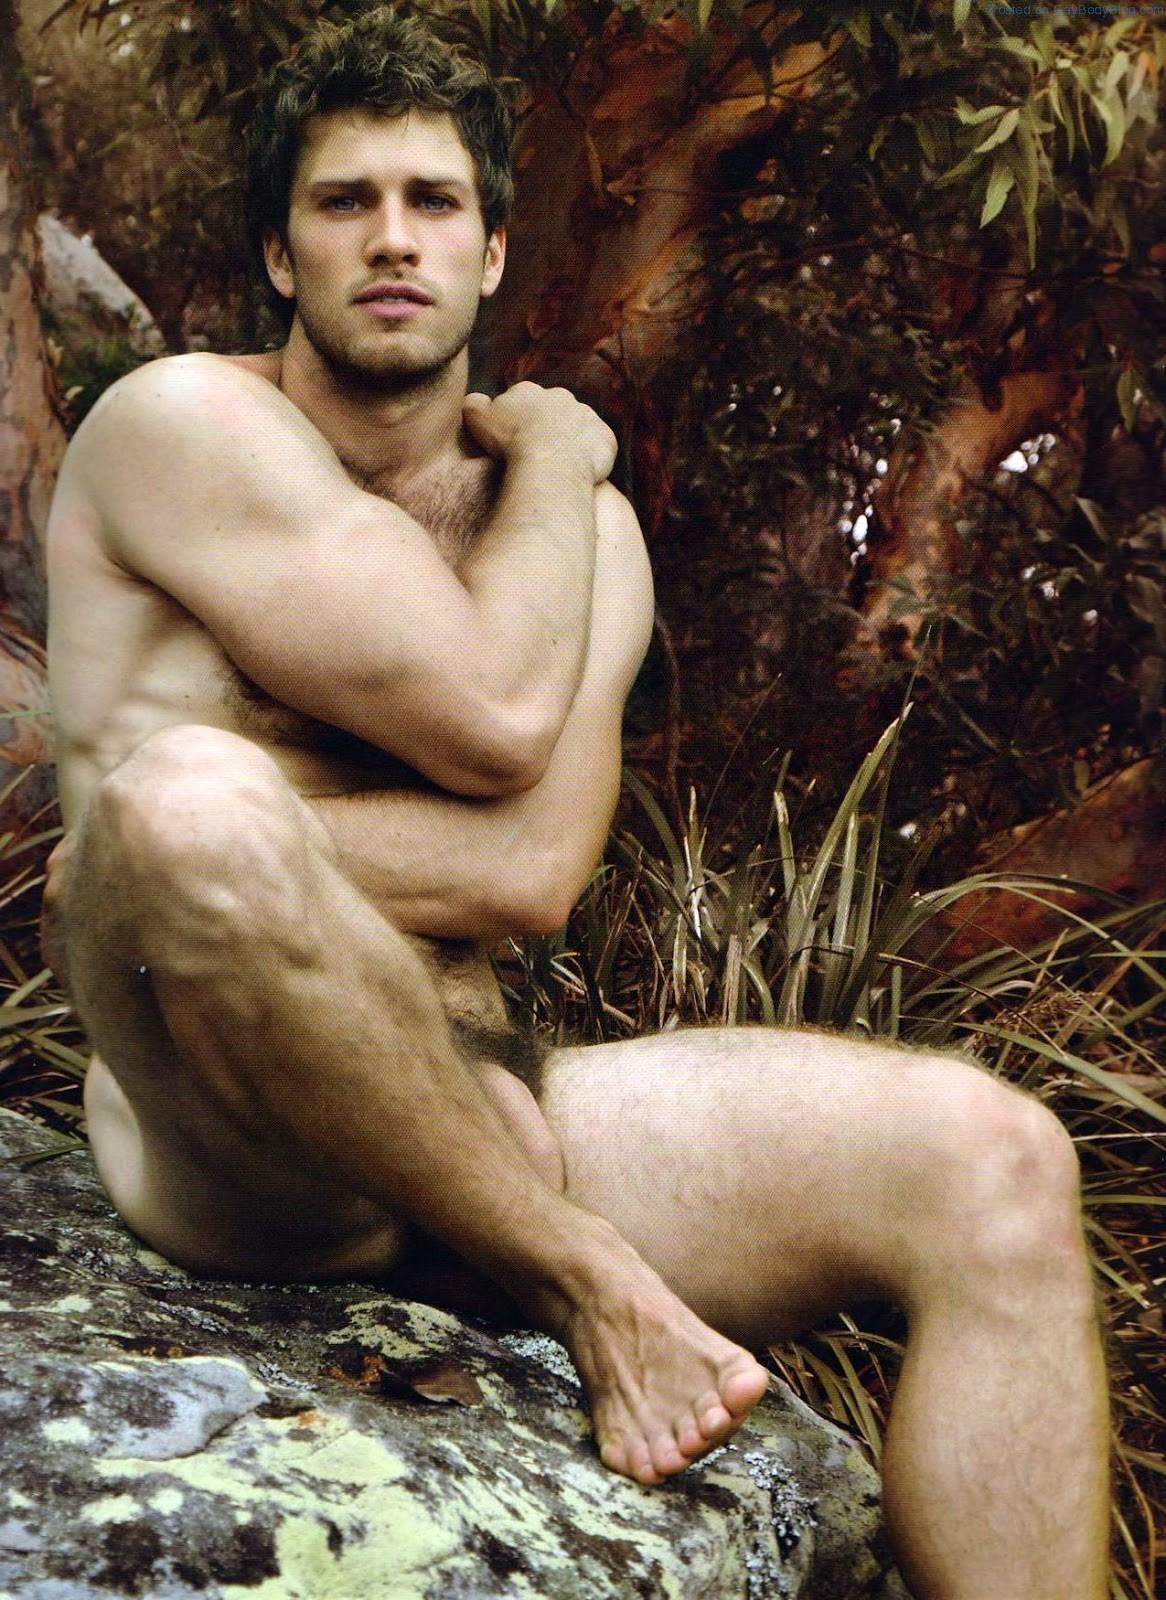 Australian naked man